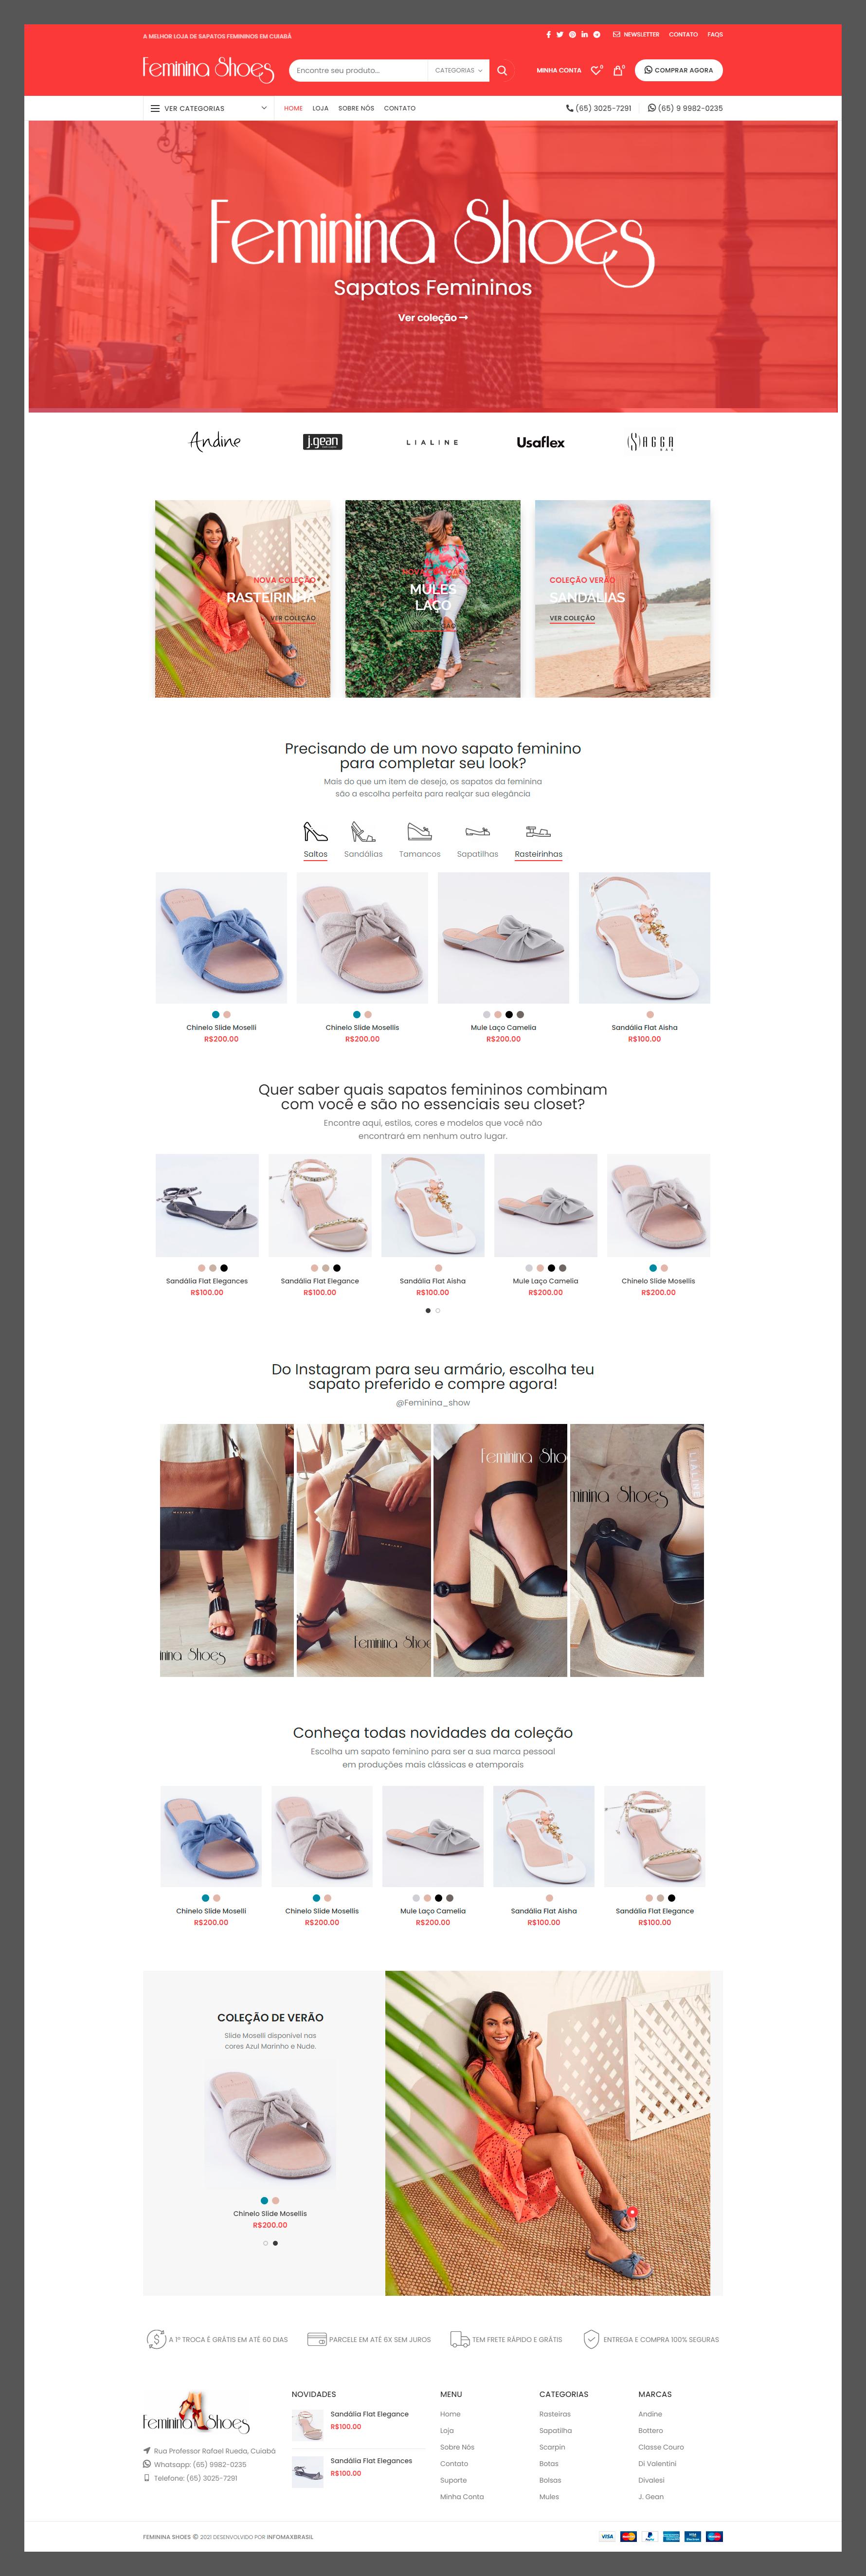 desenvolvimento-site-slider-feminina-shoes-480x6084